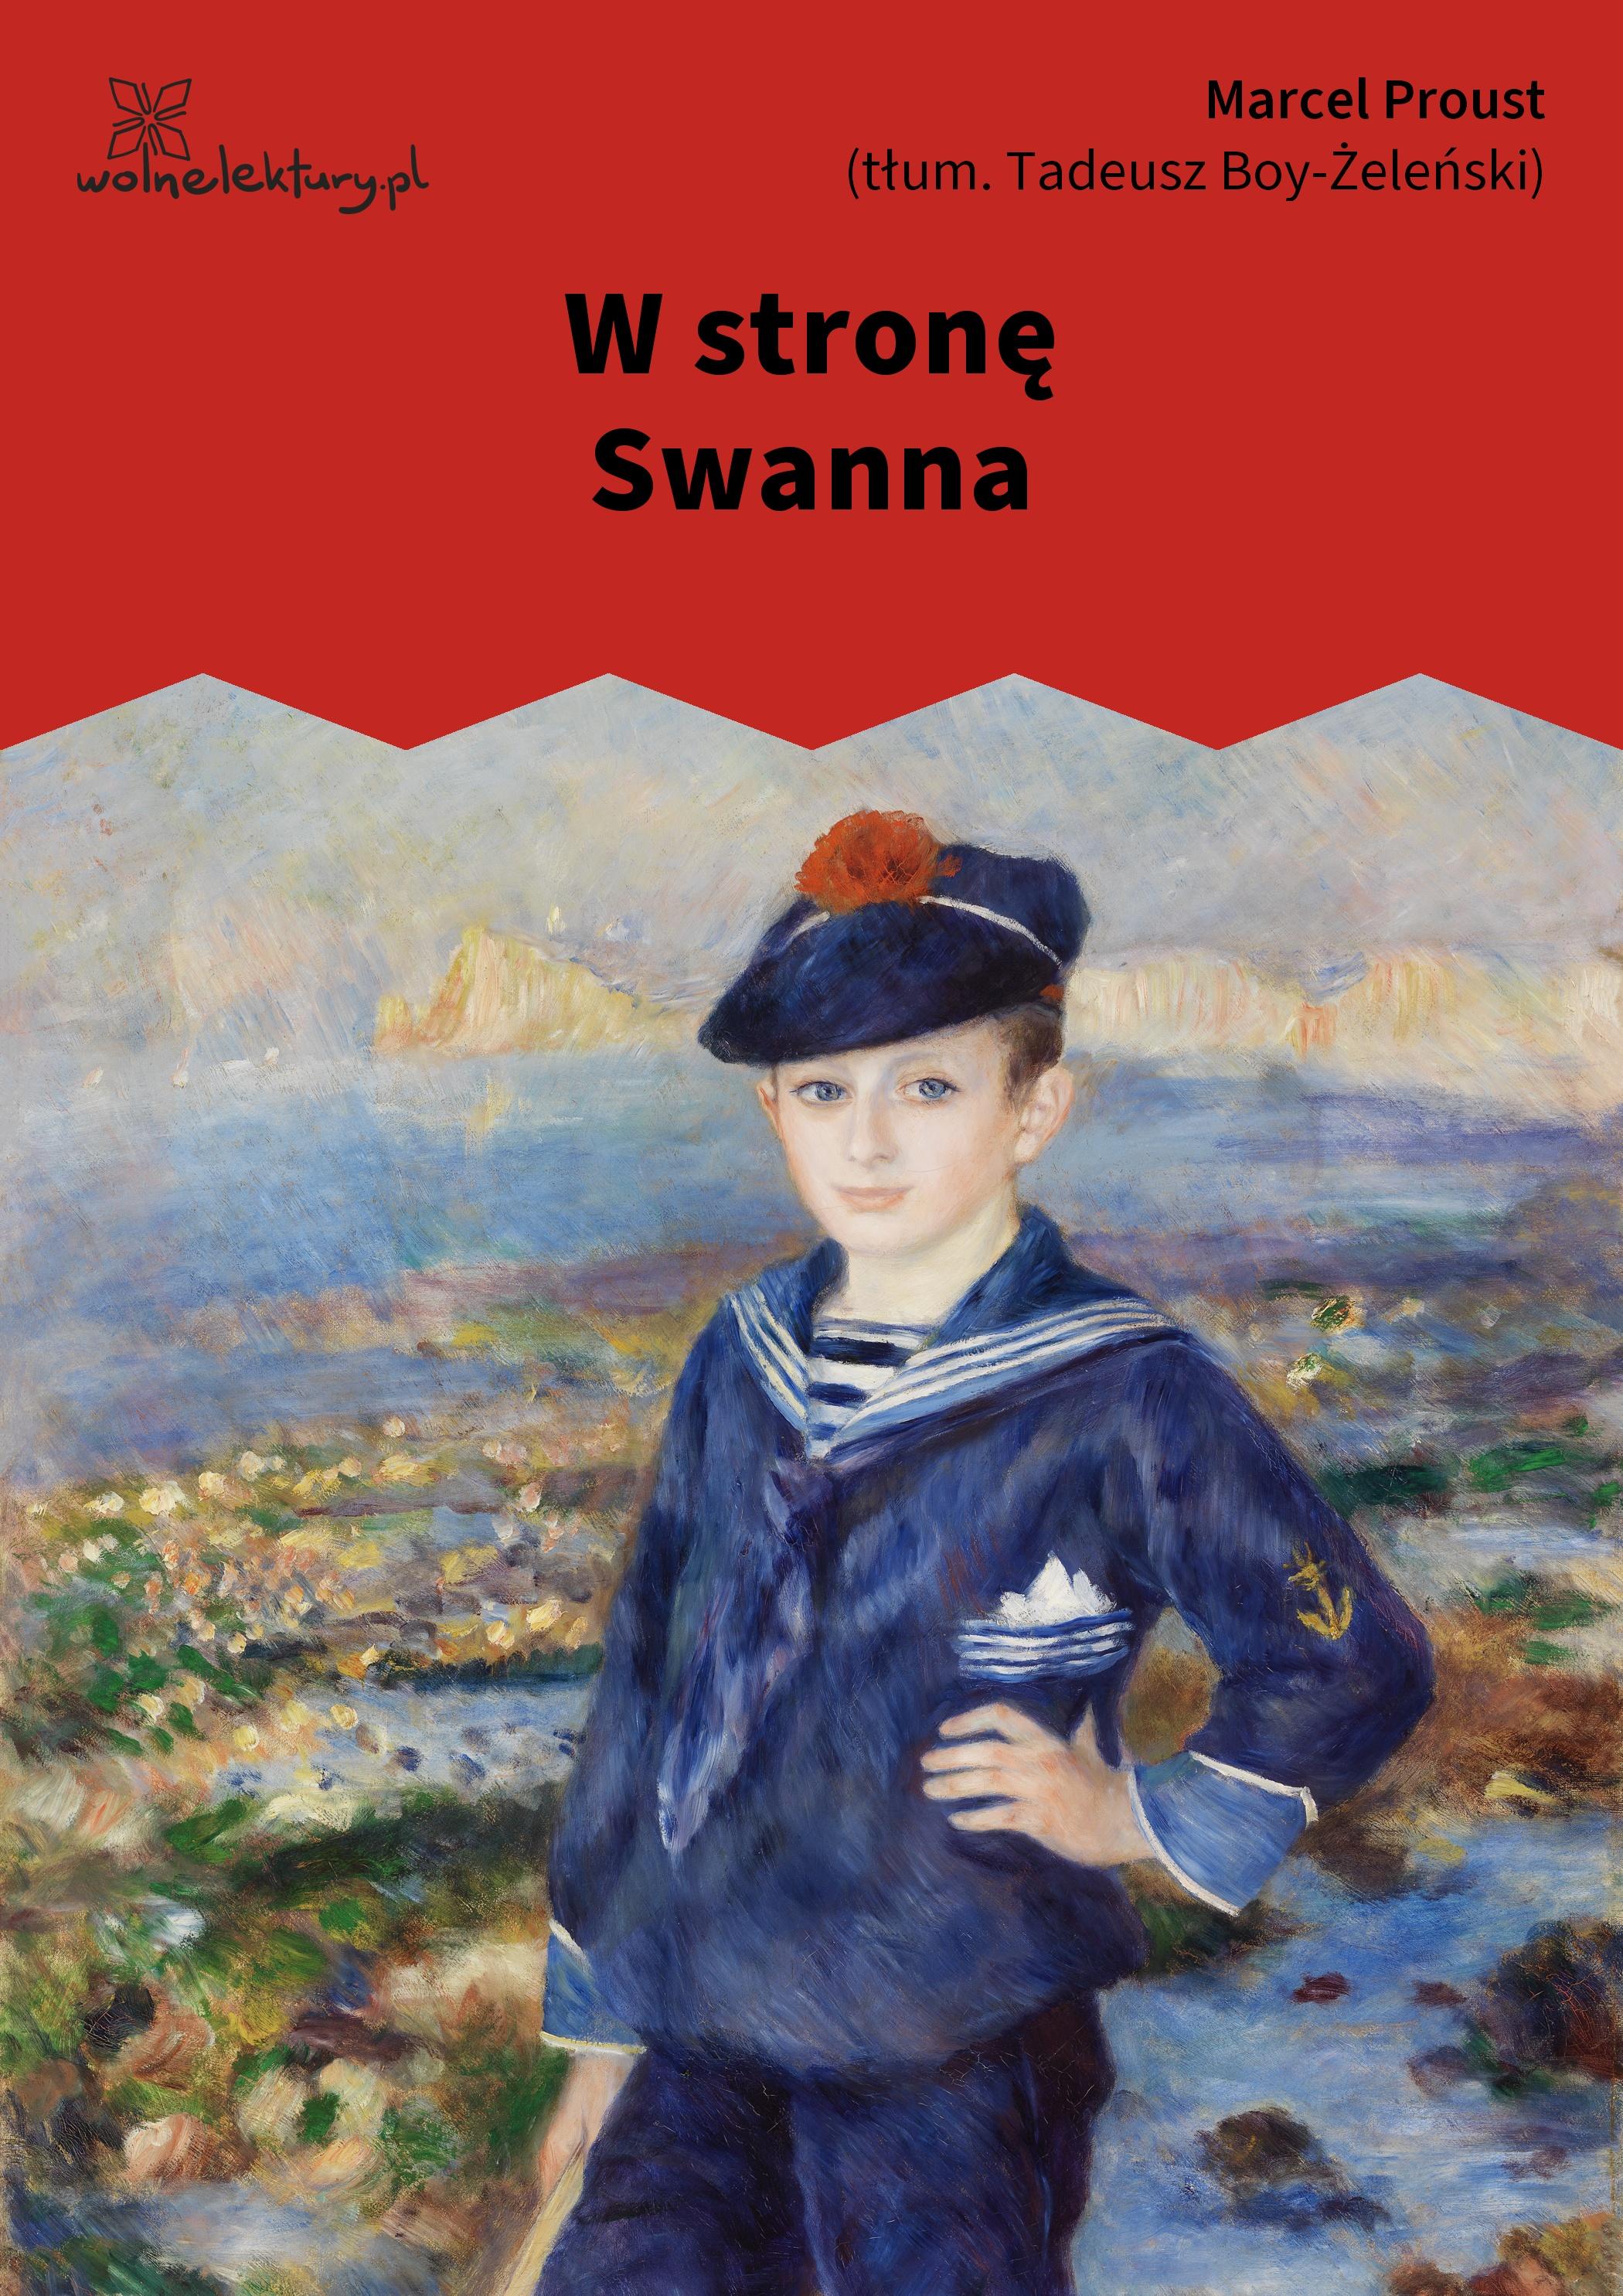 Wolne Lektury :: Marcel Proust, W strone Swanna